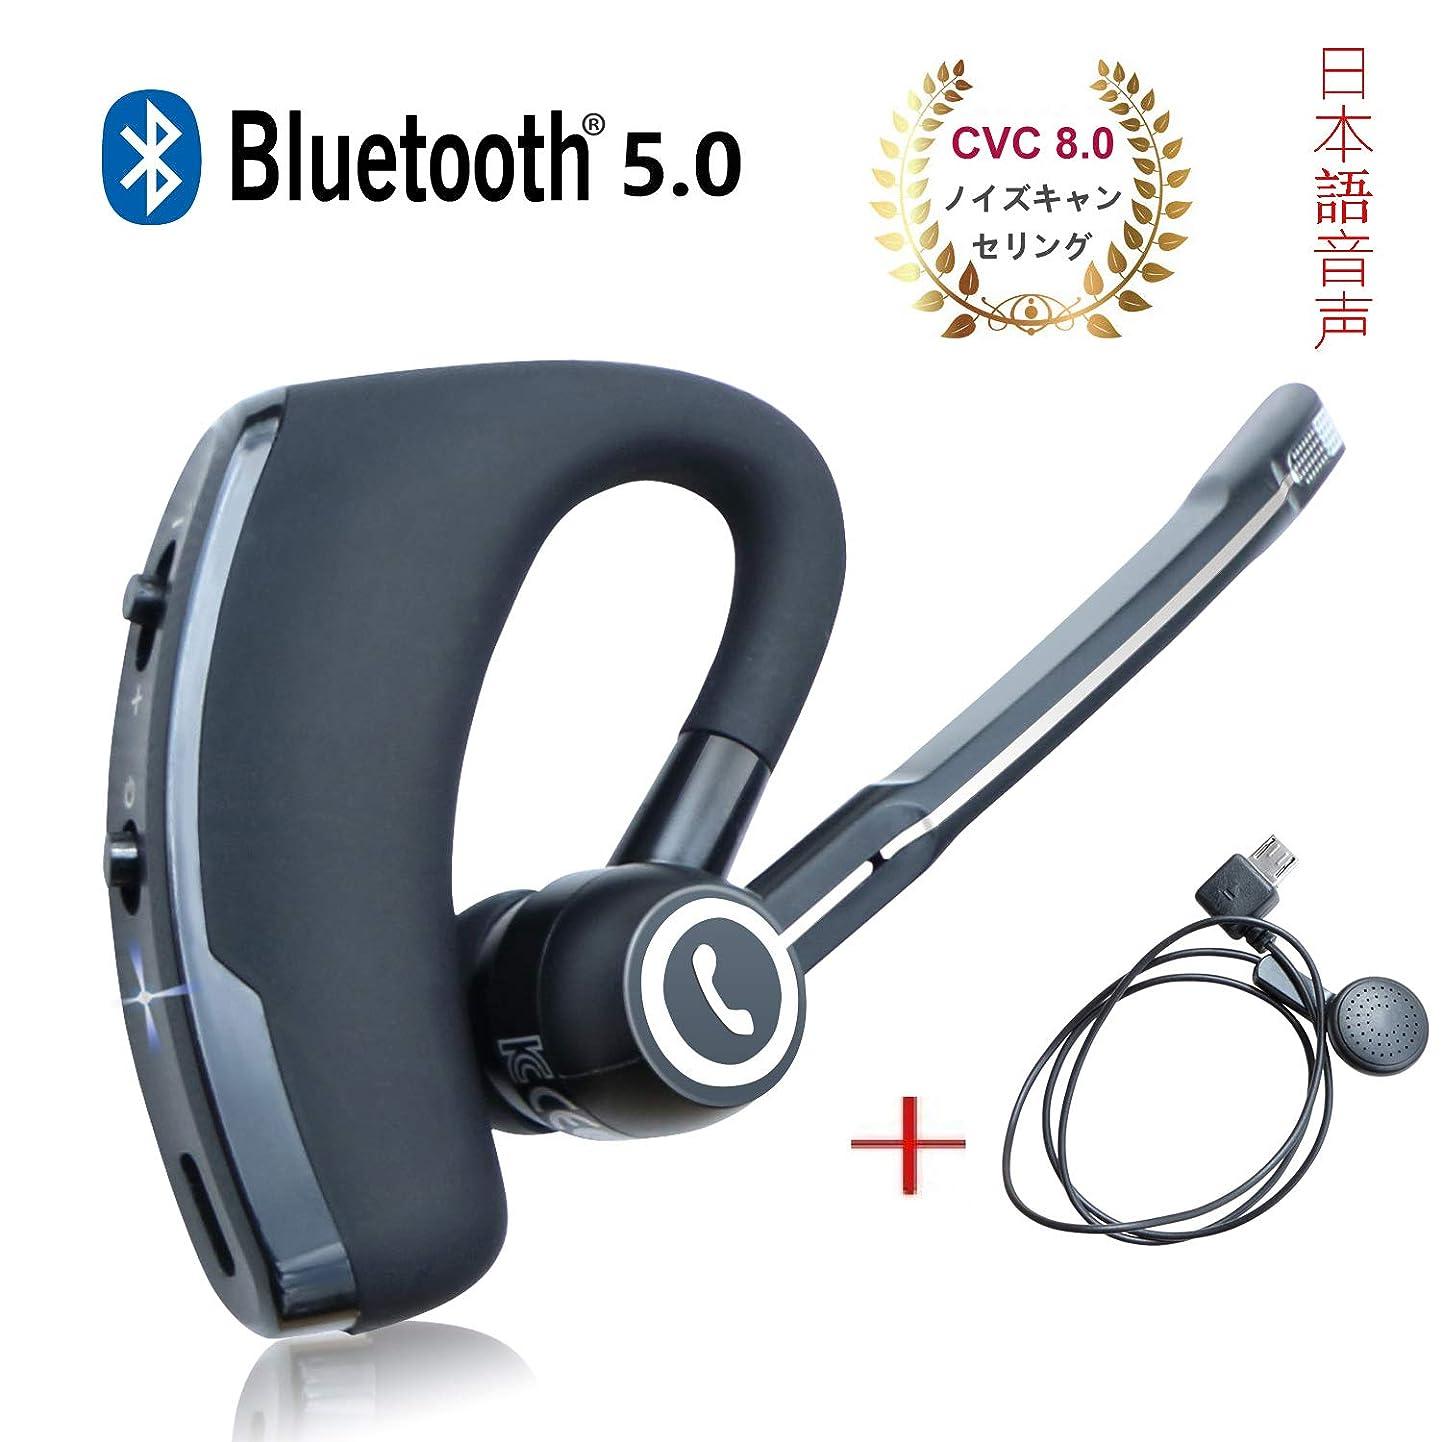 遠え倫理的魅惑的な【CVC8.0ノイズキャンセリング2019進化版】Three-T Bluetooth ヘッドセット Bluetooth 4.2 イヤホン 耳掛け型 マイク内蔵 ハンズフリー通話 高音質 スポーツ 片耳 両耳兼用 ビジネス 受話器 270°回転できる 各種類設備に対応 日本語説明書付き